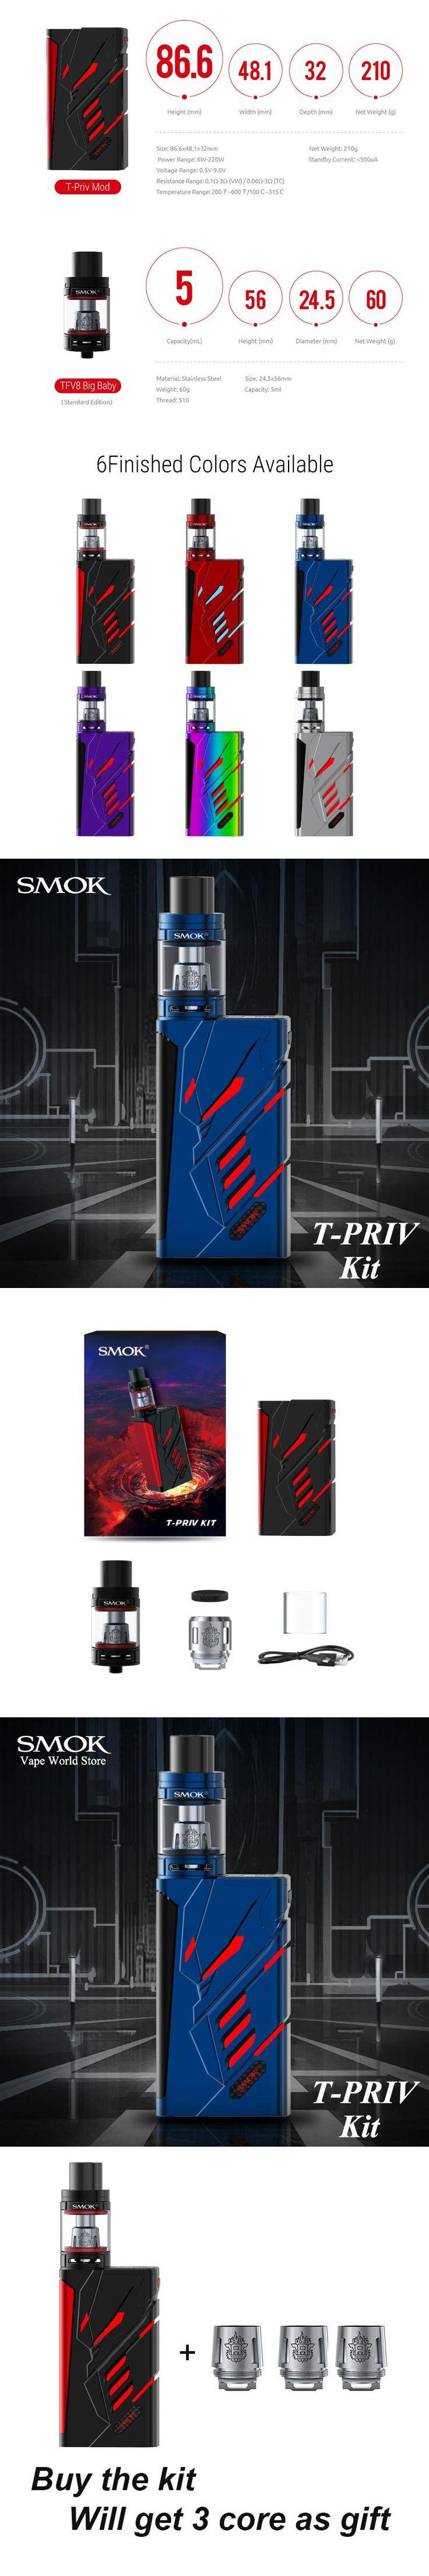 SMOK T-Priv kit Electronic Cigarette T Priv Vape Vaporizer E Cigarette Box Mod VS RX200S iKonn 220 Buy Kit Get 3 Core Free S075